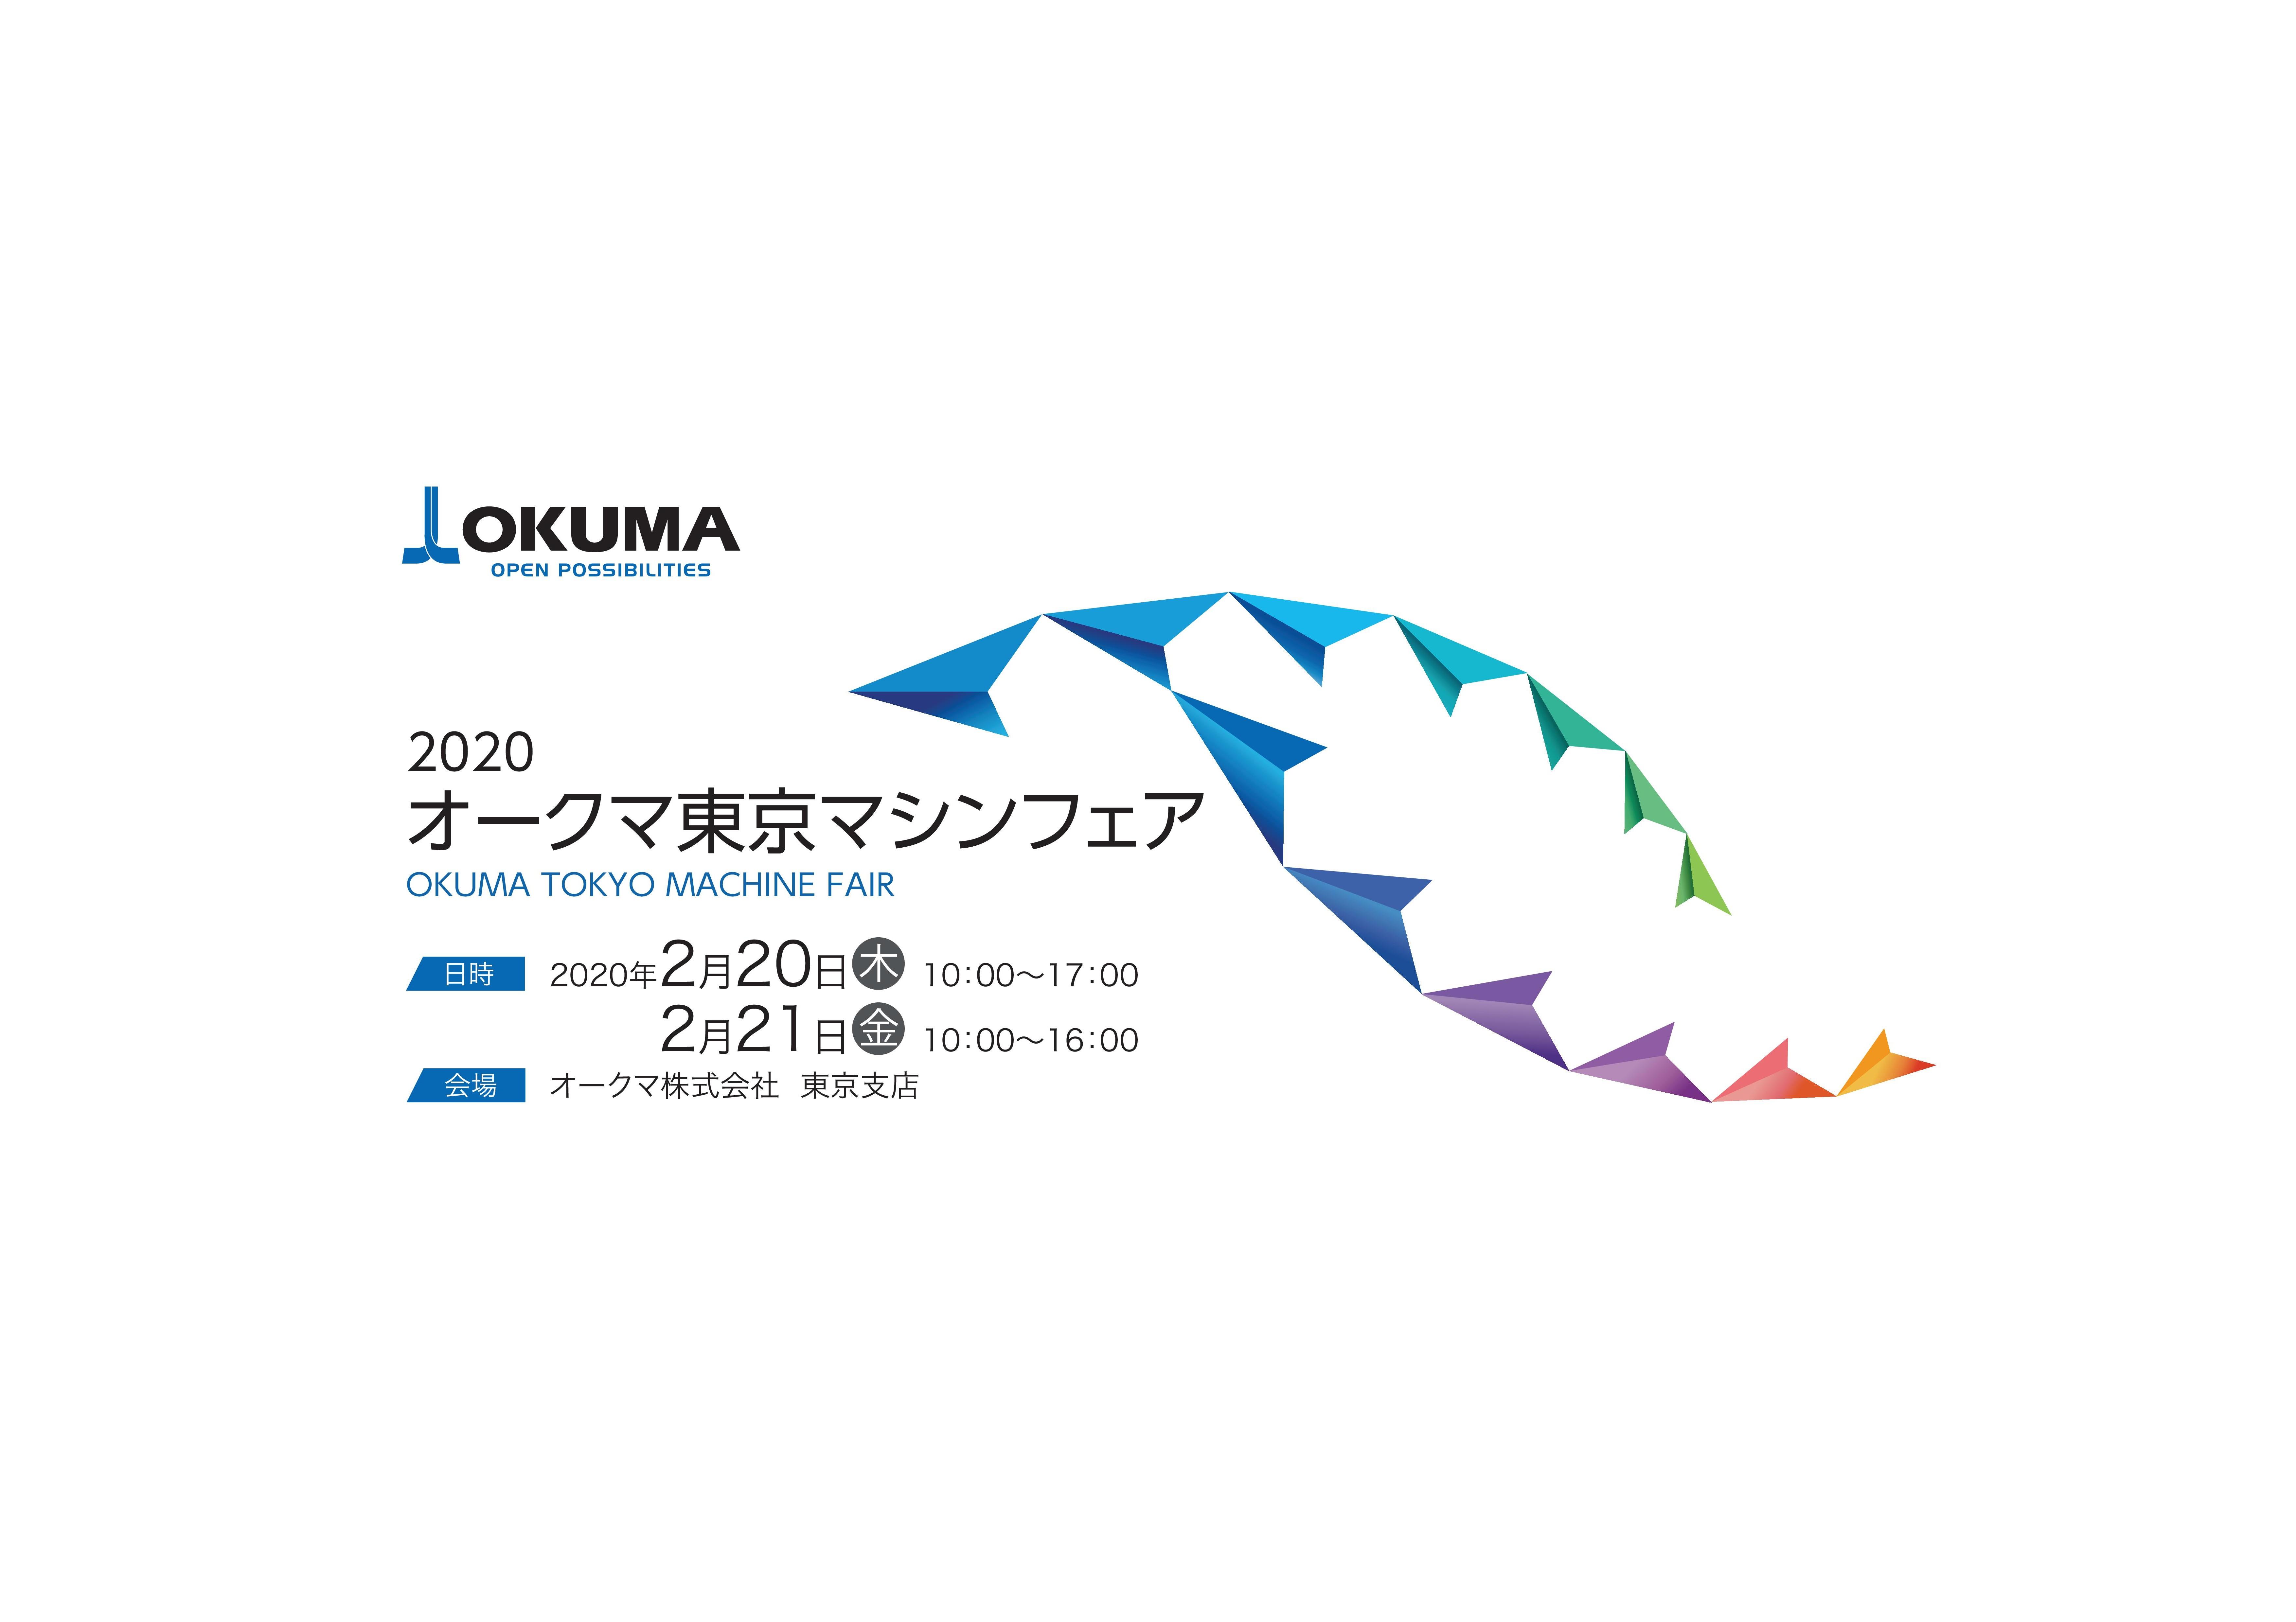 2月開催 オークマ「2020オークマ東京マシンフェア」開催のお知らせ